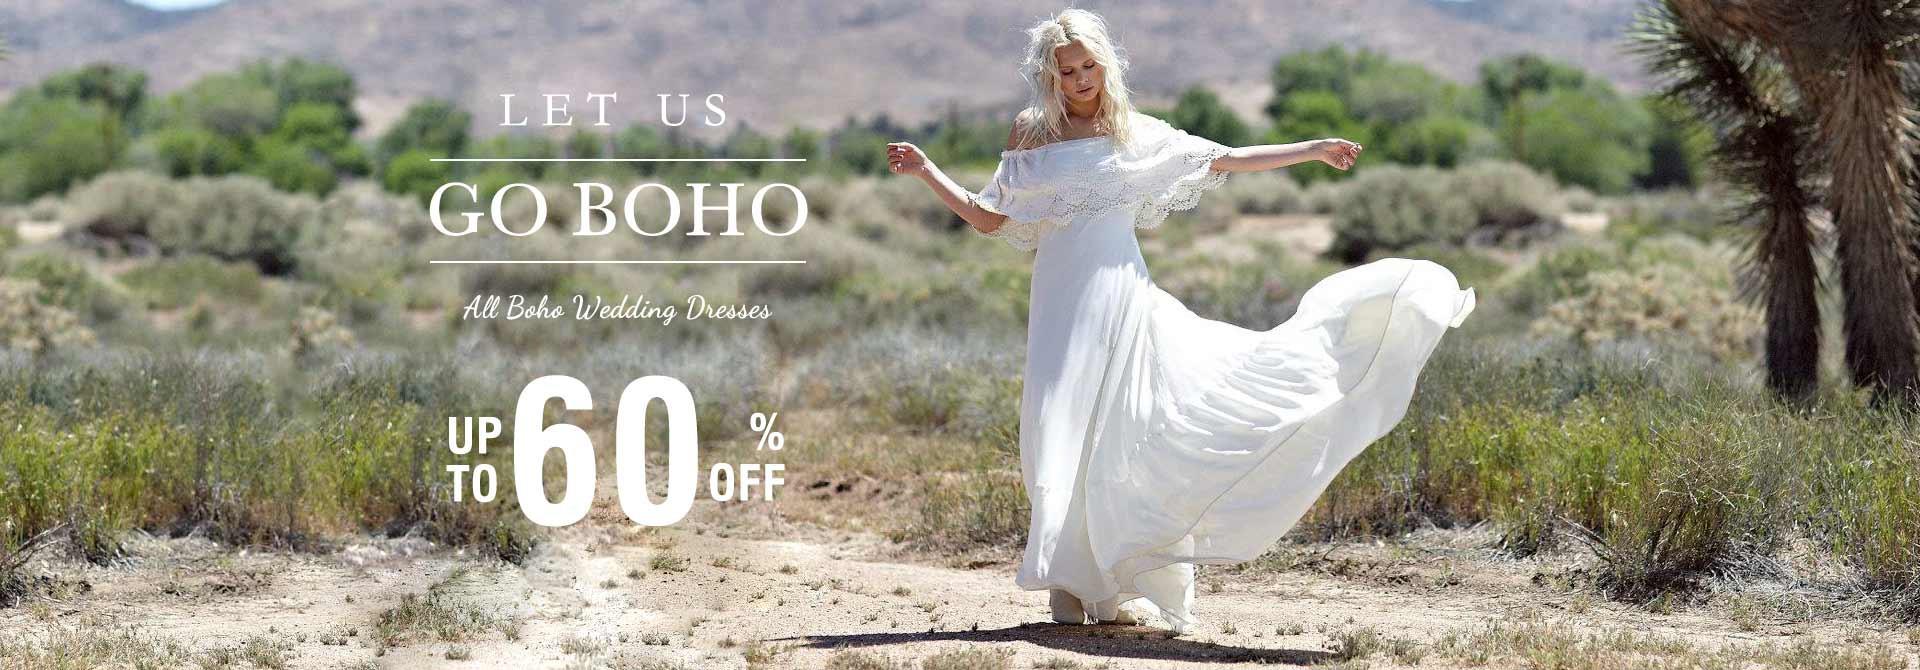 Boho Wedding Dresses up to 60% Off